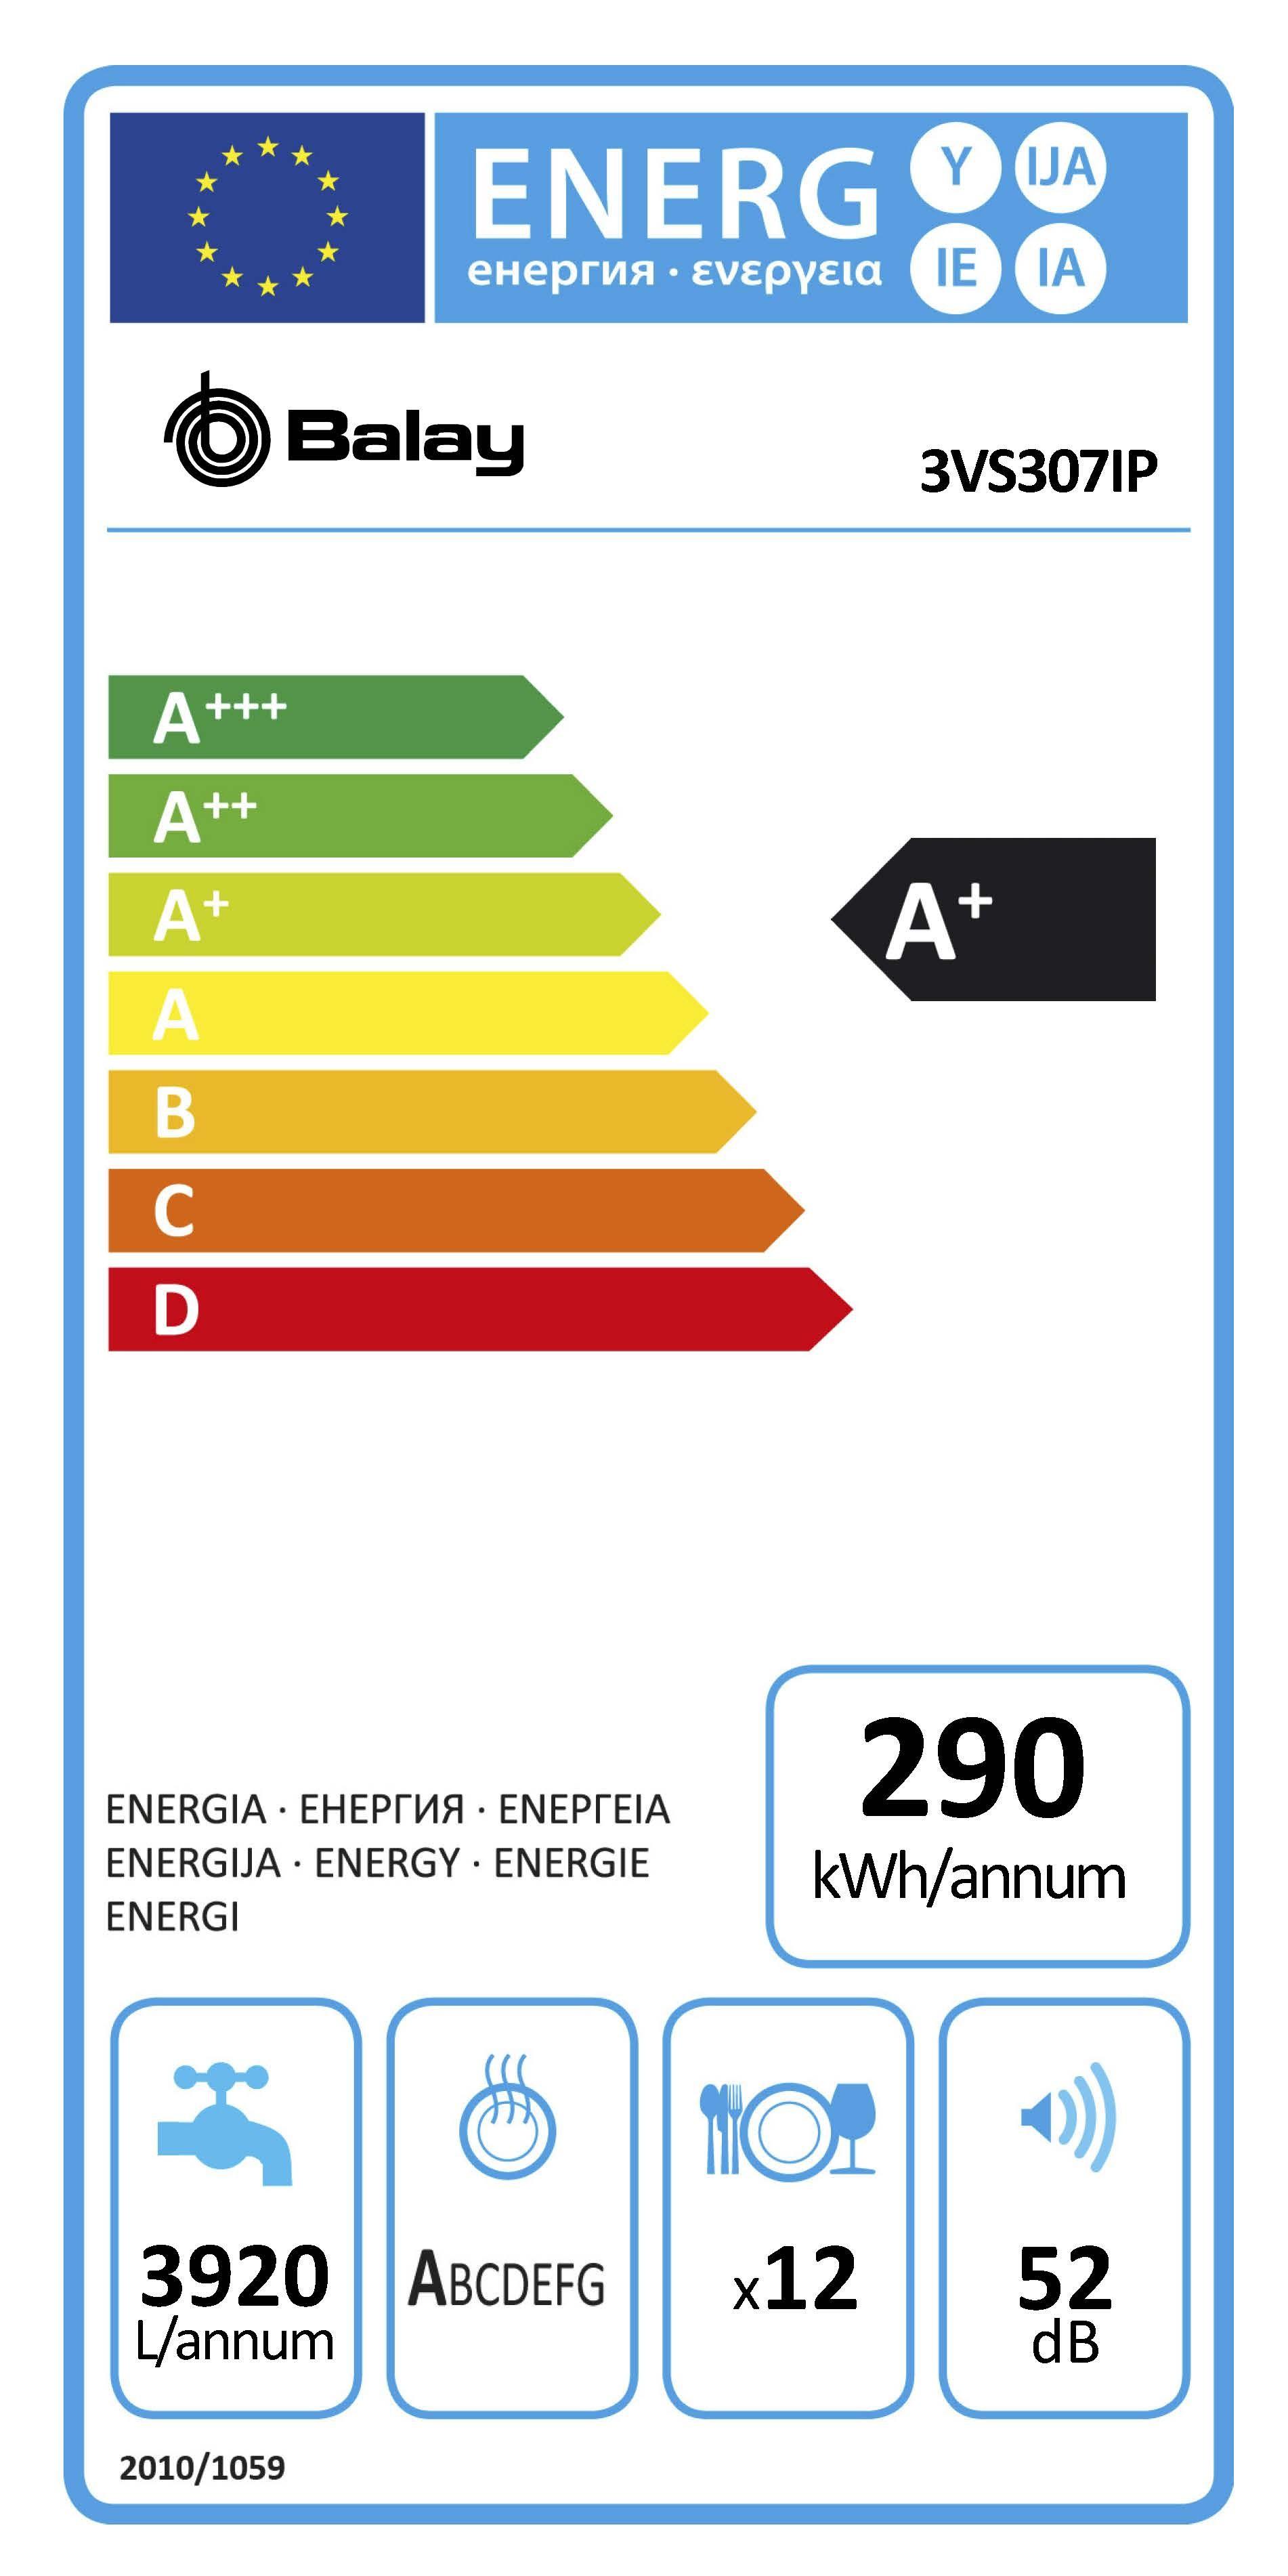 Etiqueta de Eficiencia Energética - 3VS307IP